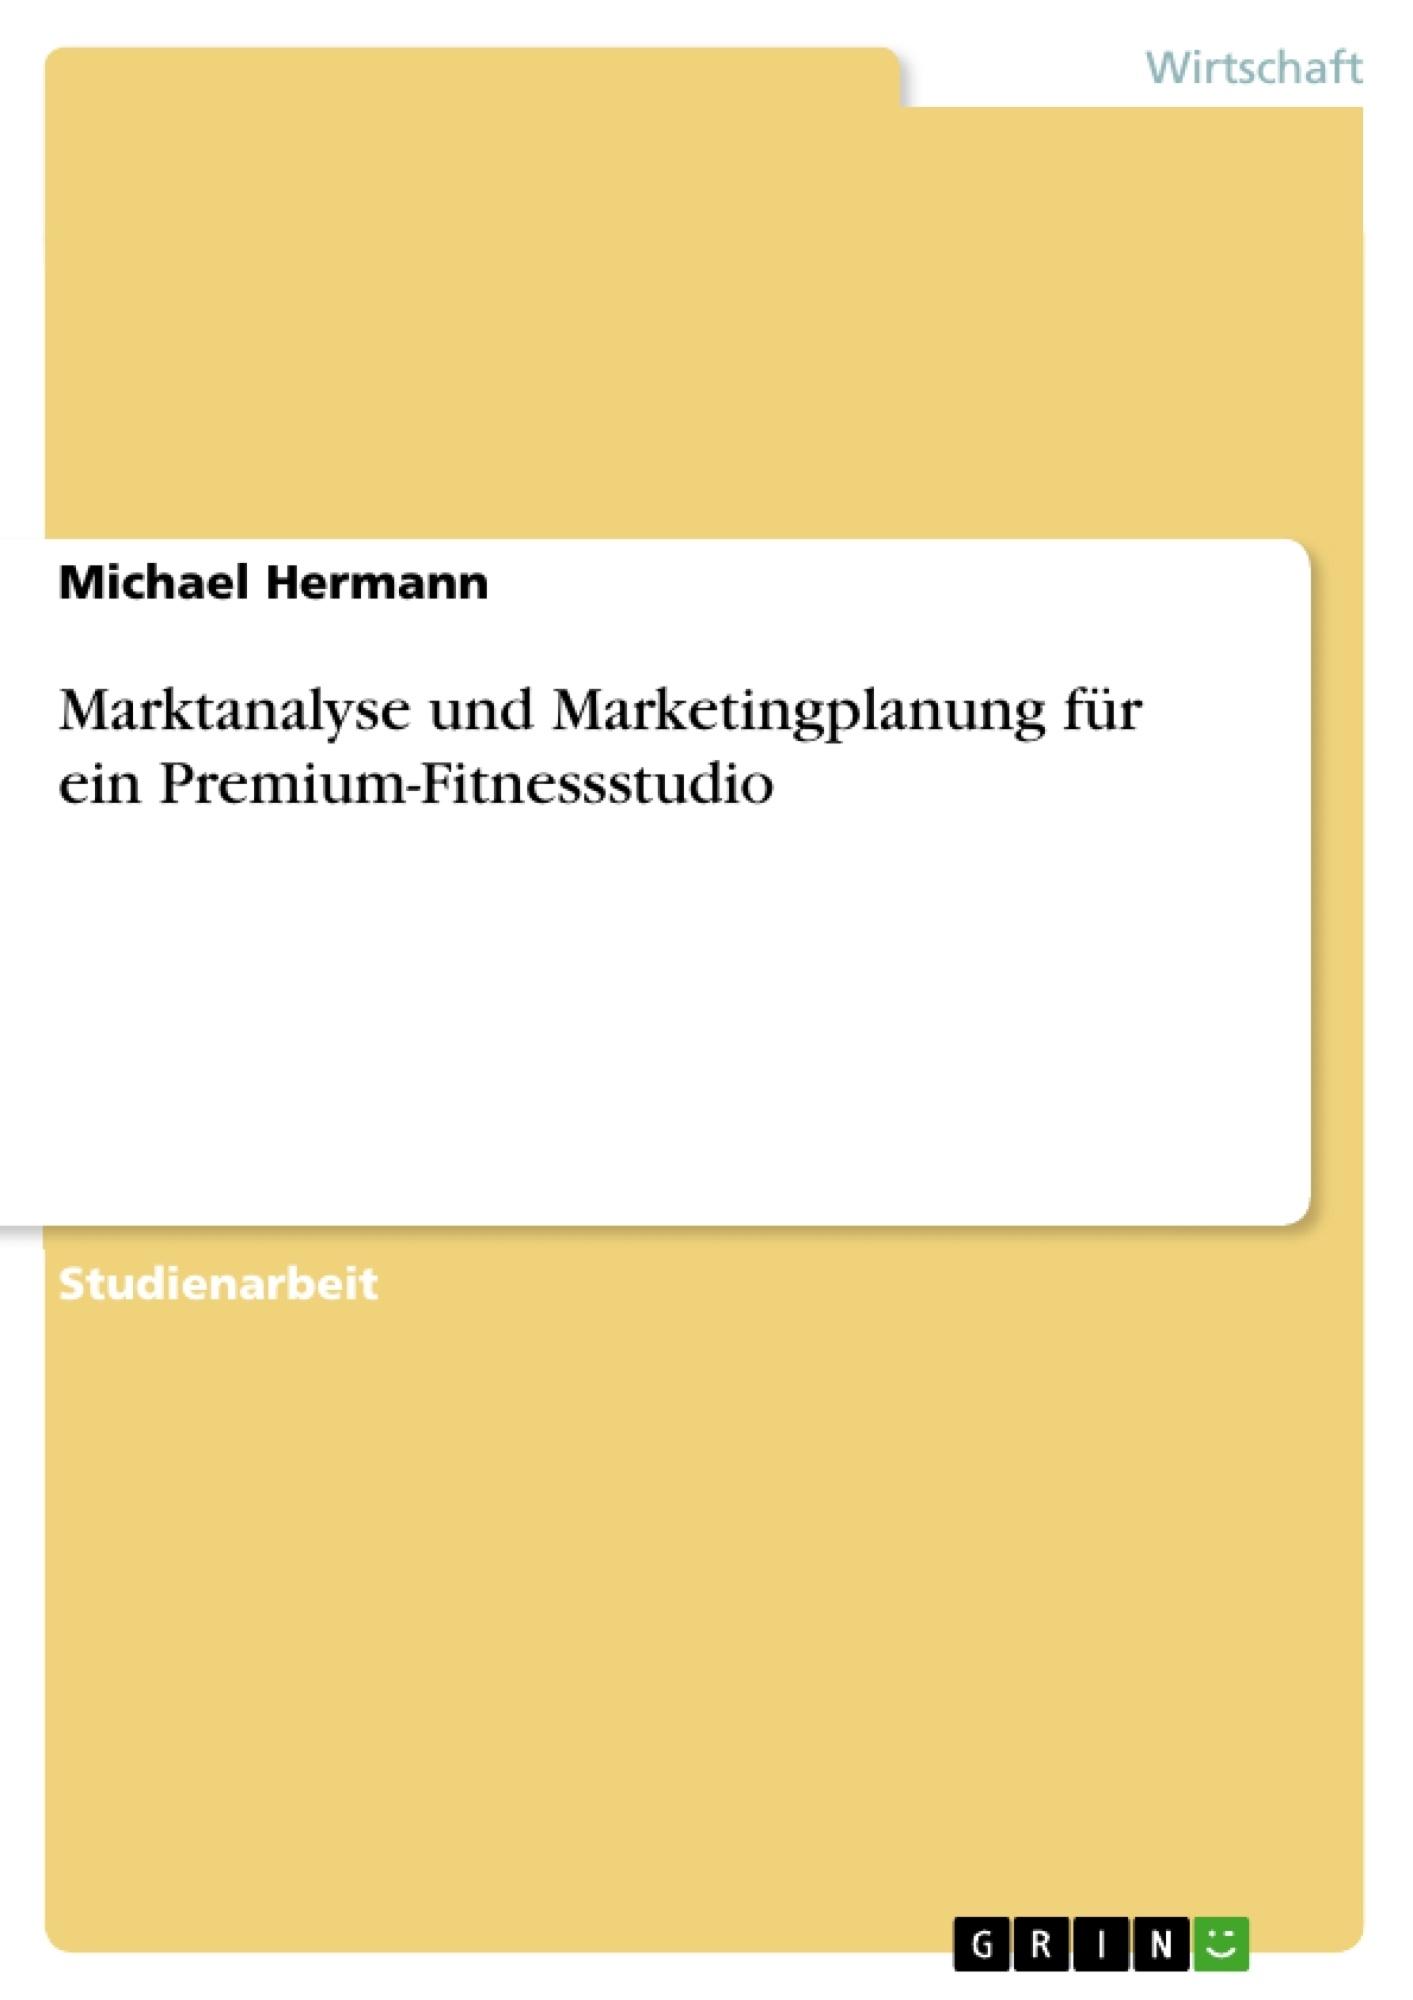 Titel: Marktanalyse und Marketingplanung für ein Premium-Fitnessstudio